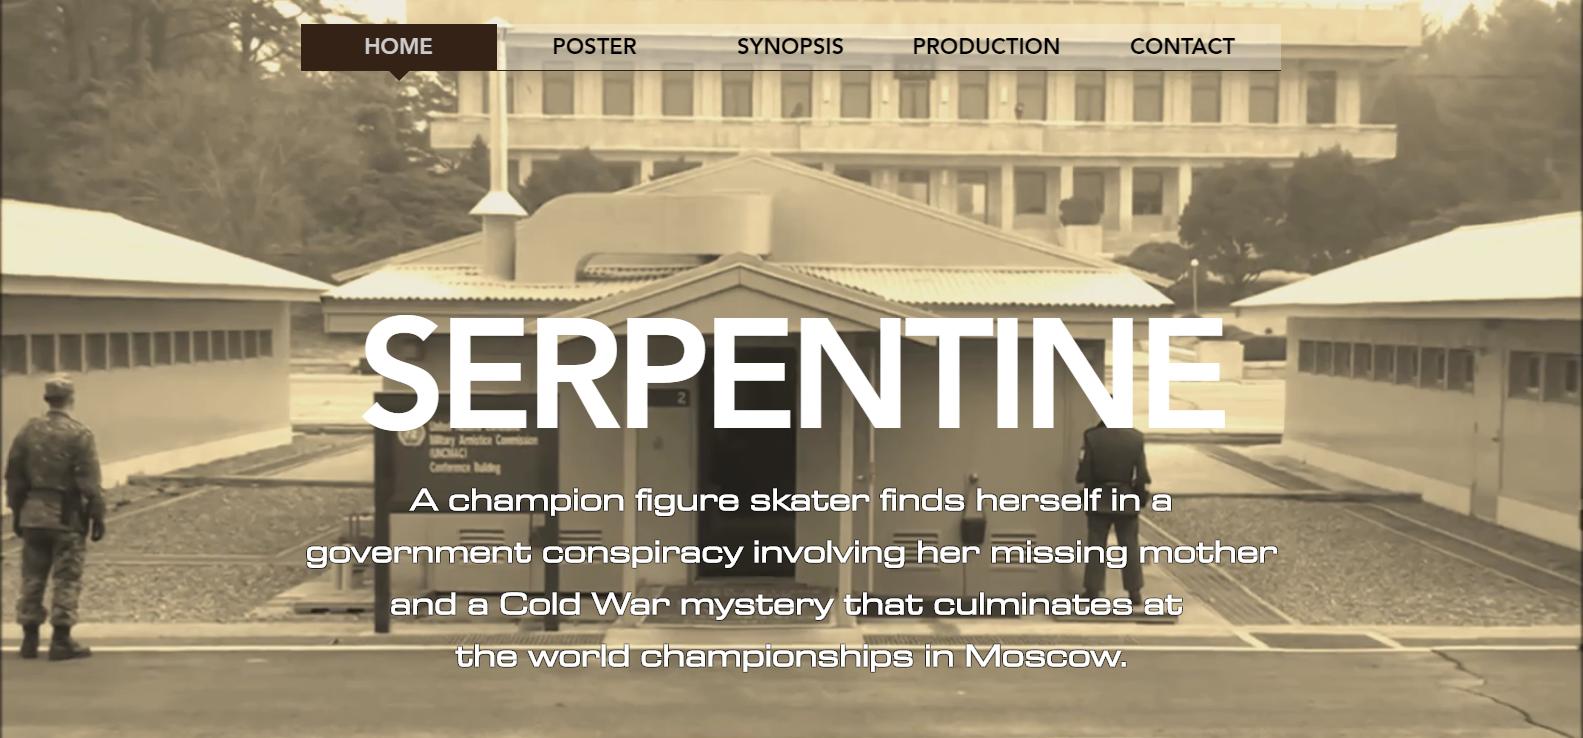 Serpentine Movie